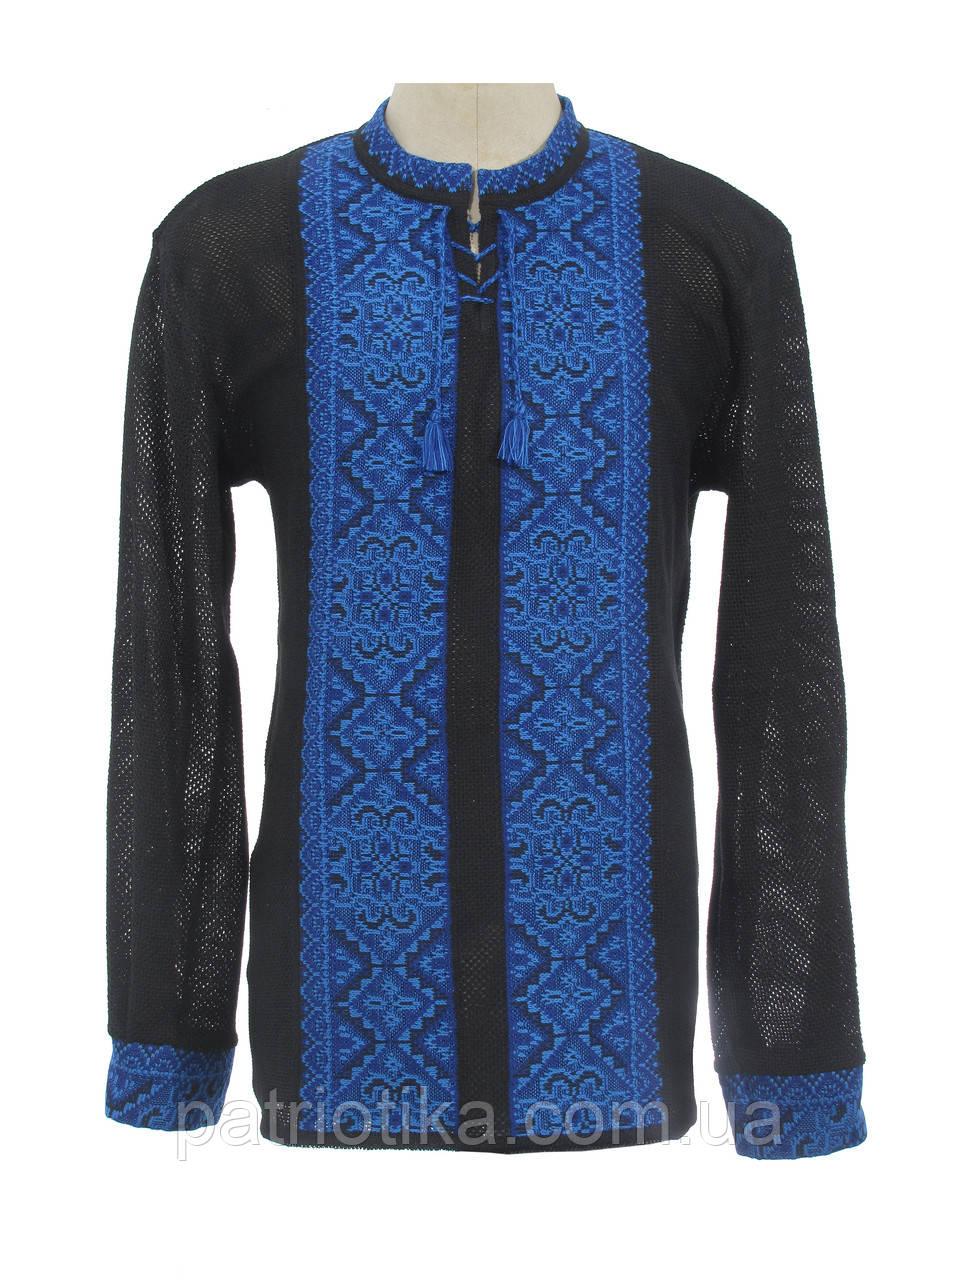 Мужская вязаная черная рубашка Влад синий х/б | Чоловіча в'язана сорочка Влад синій х/б